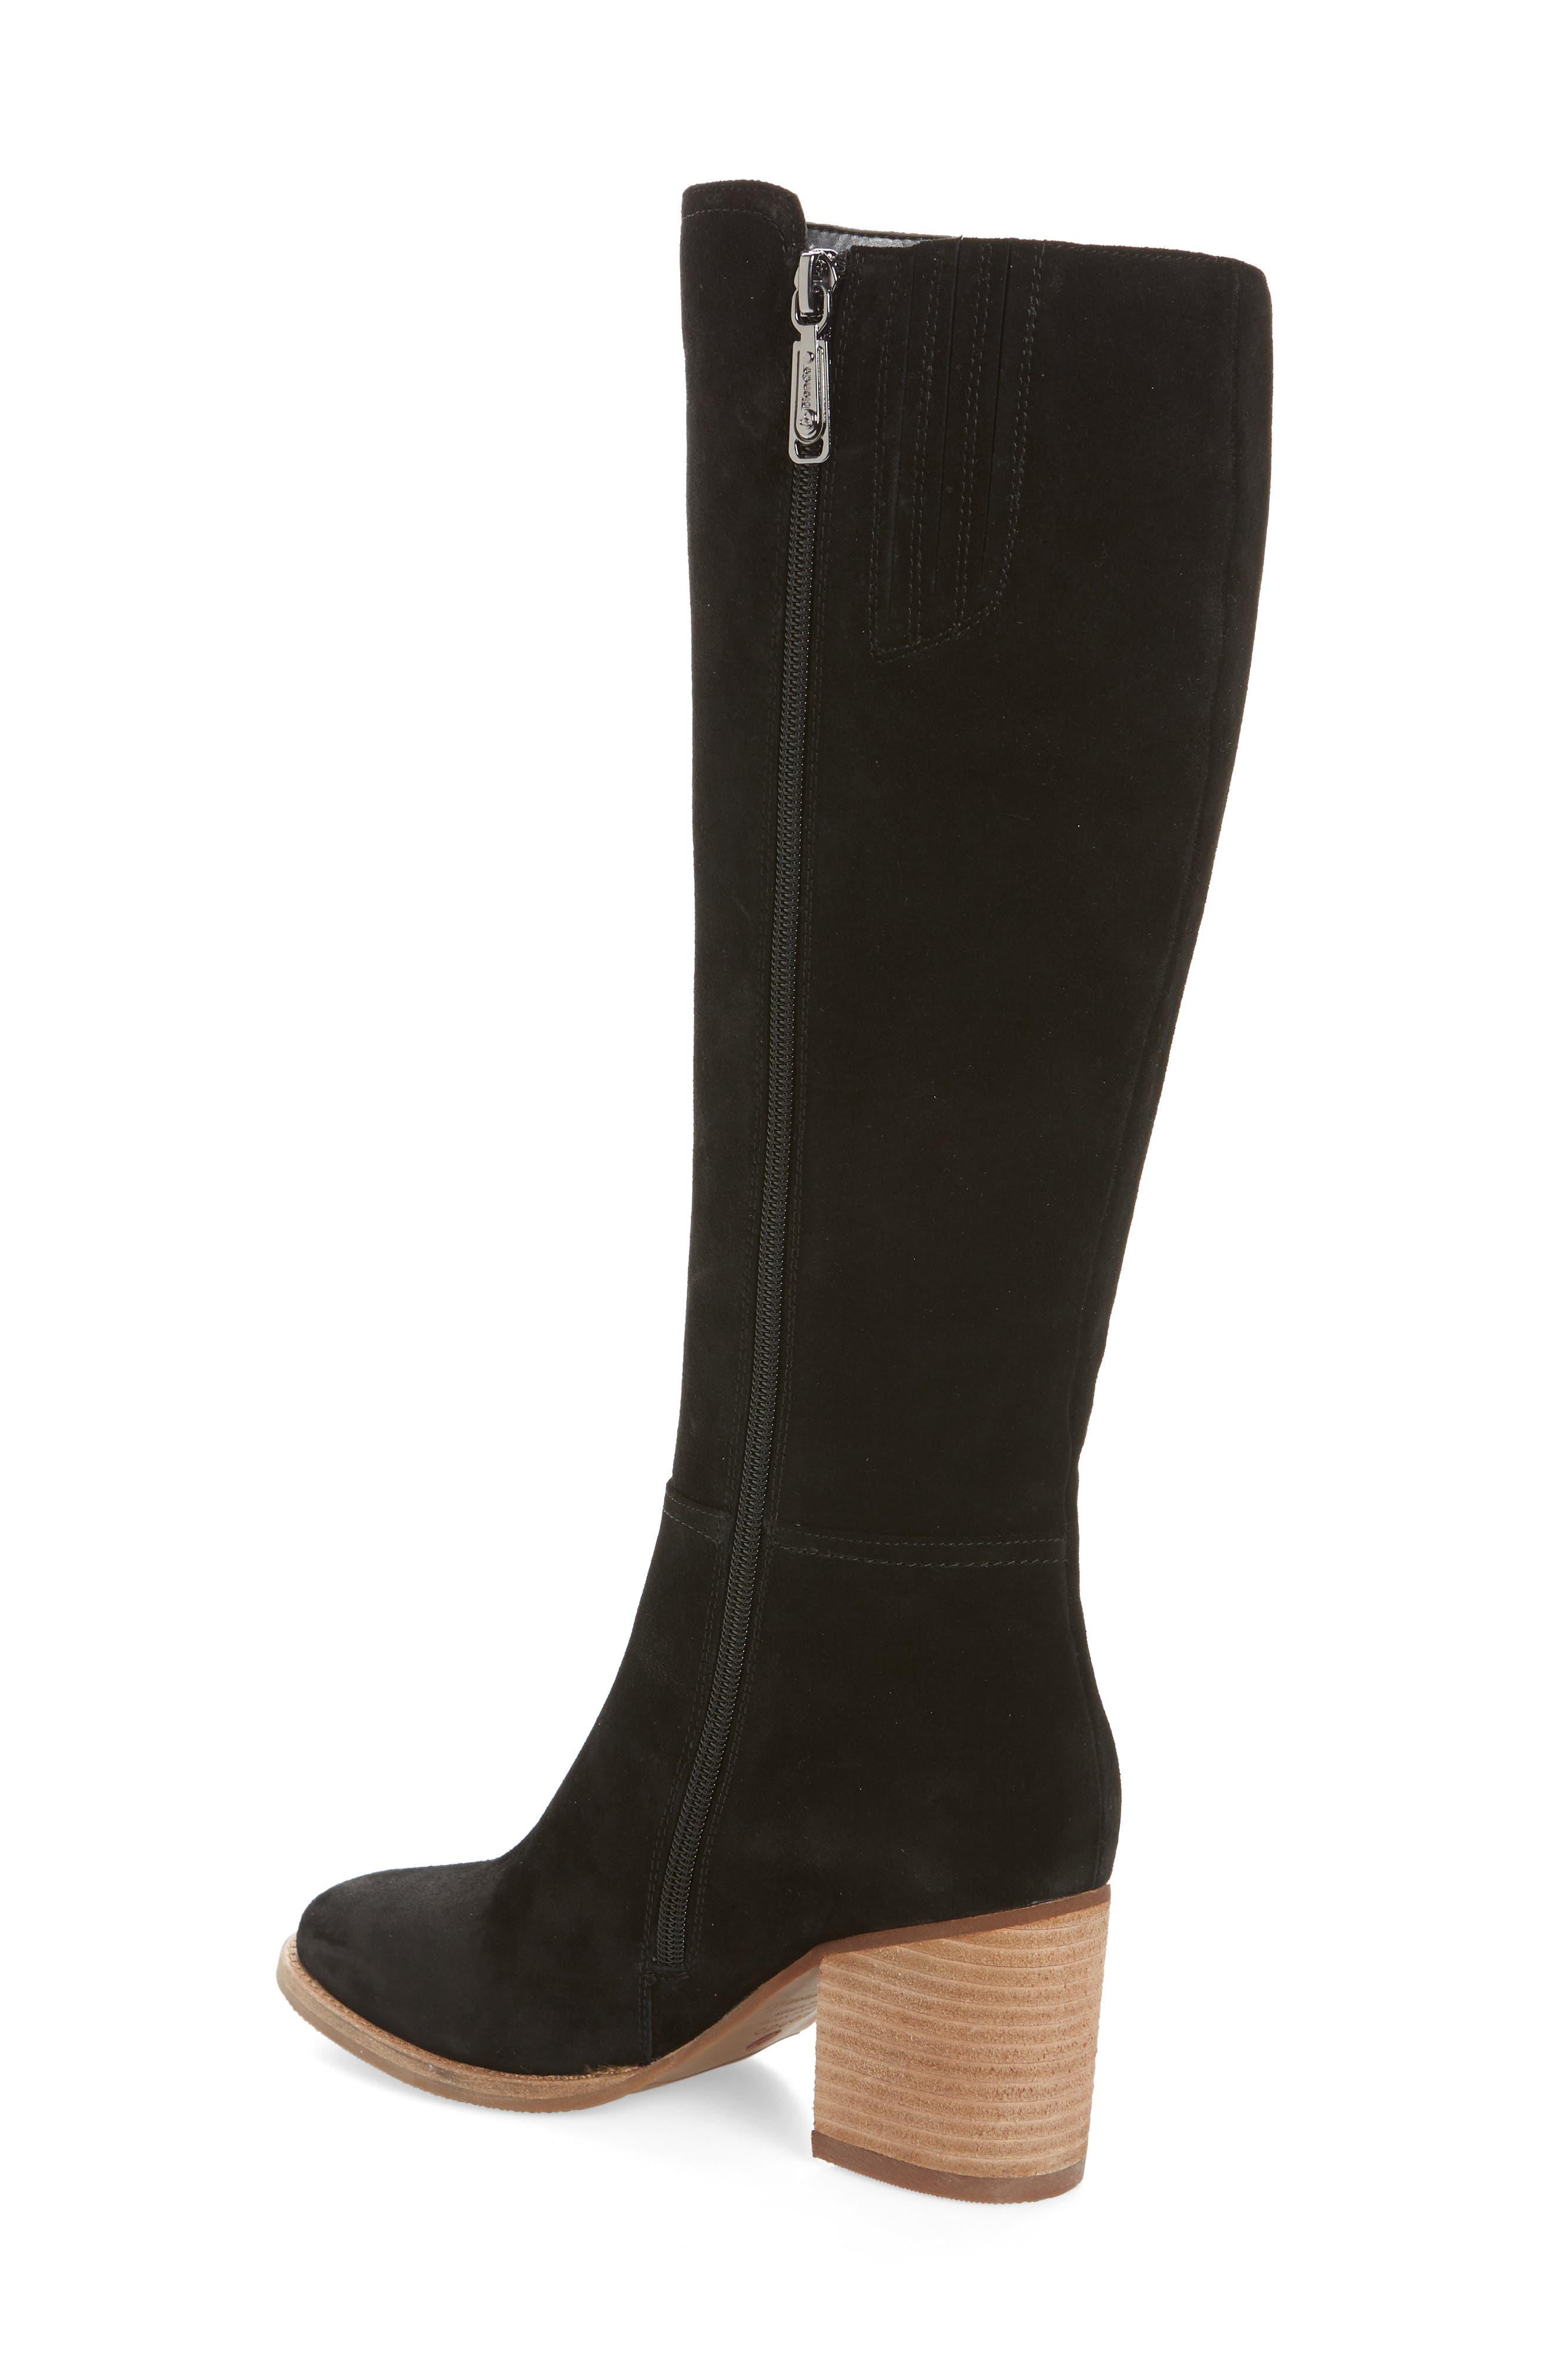 Noreen Waterproof Knee High Boot